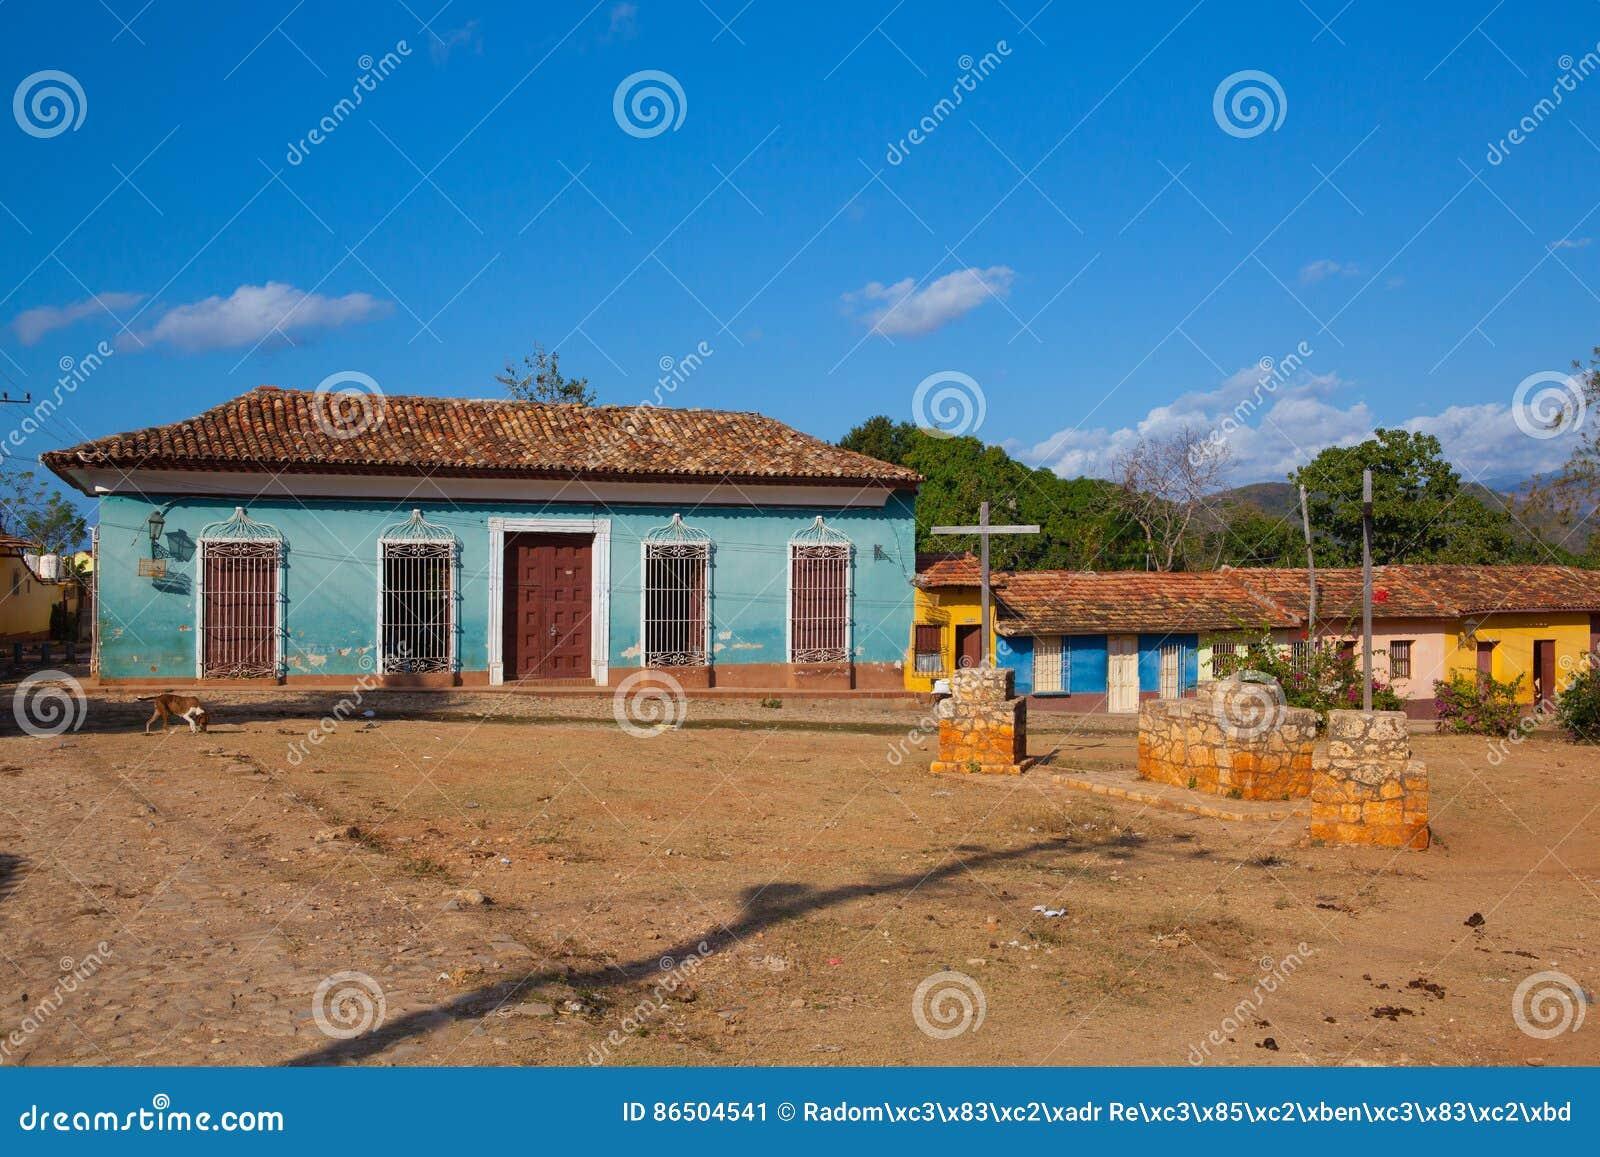 Il vecchio quadrato coloniale tipico in Trinidad, Cuba